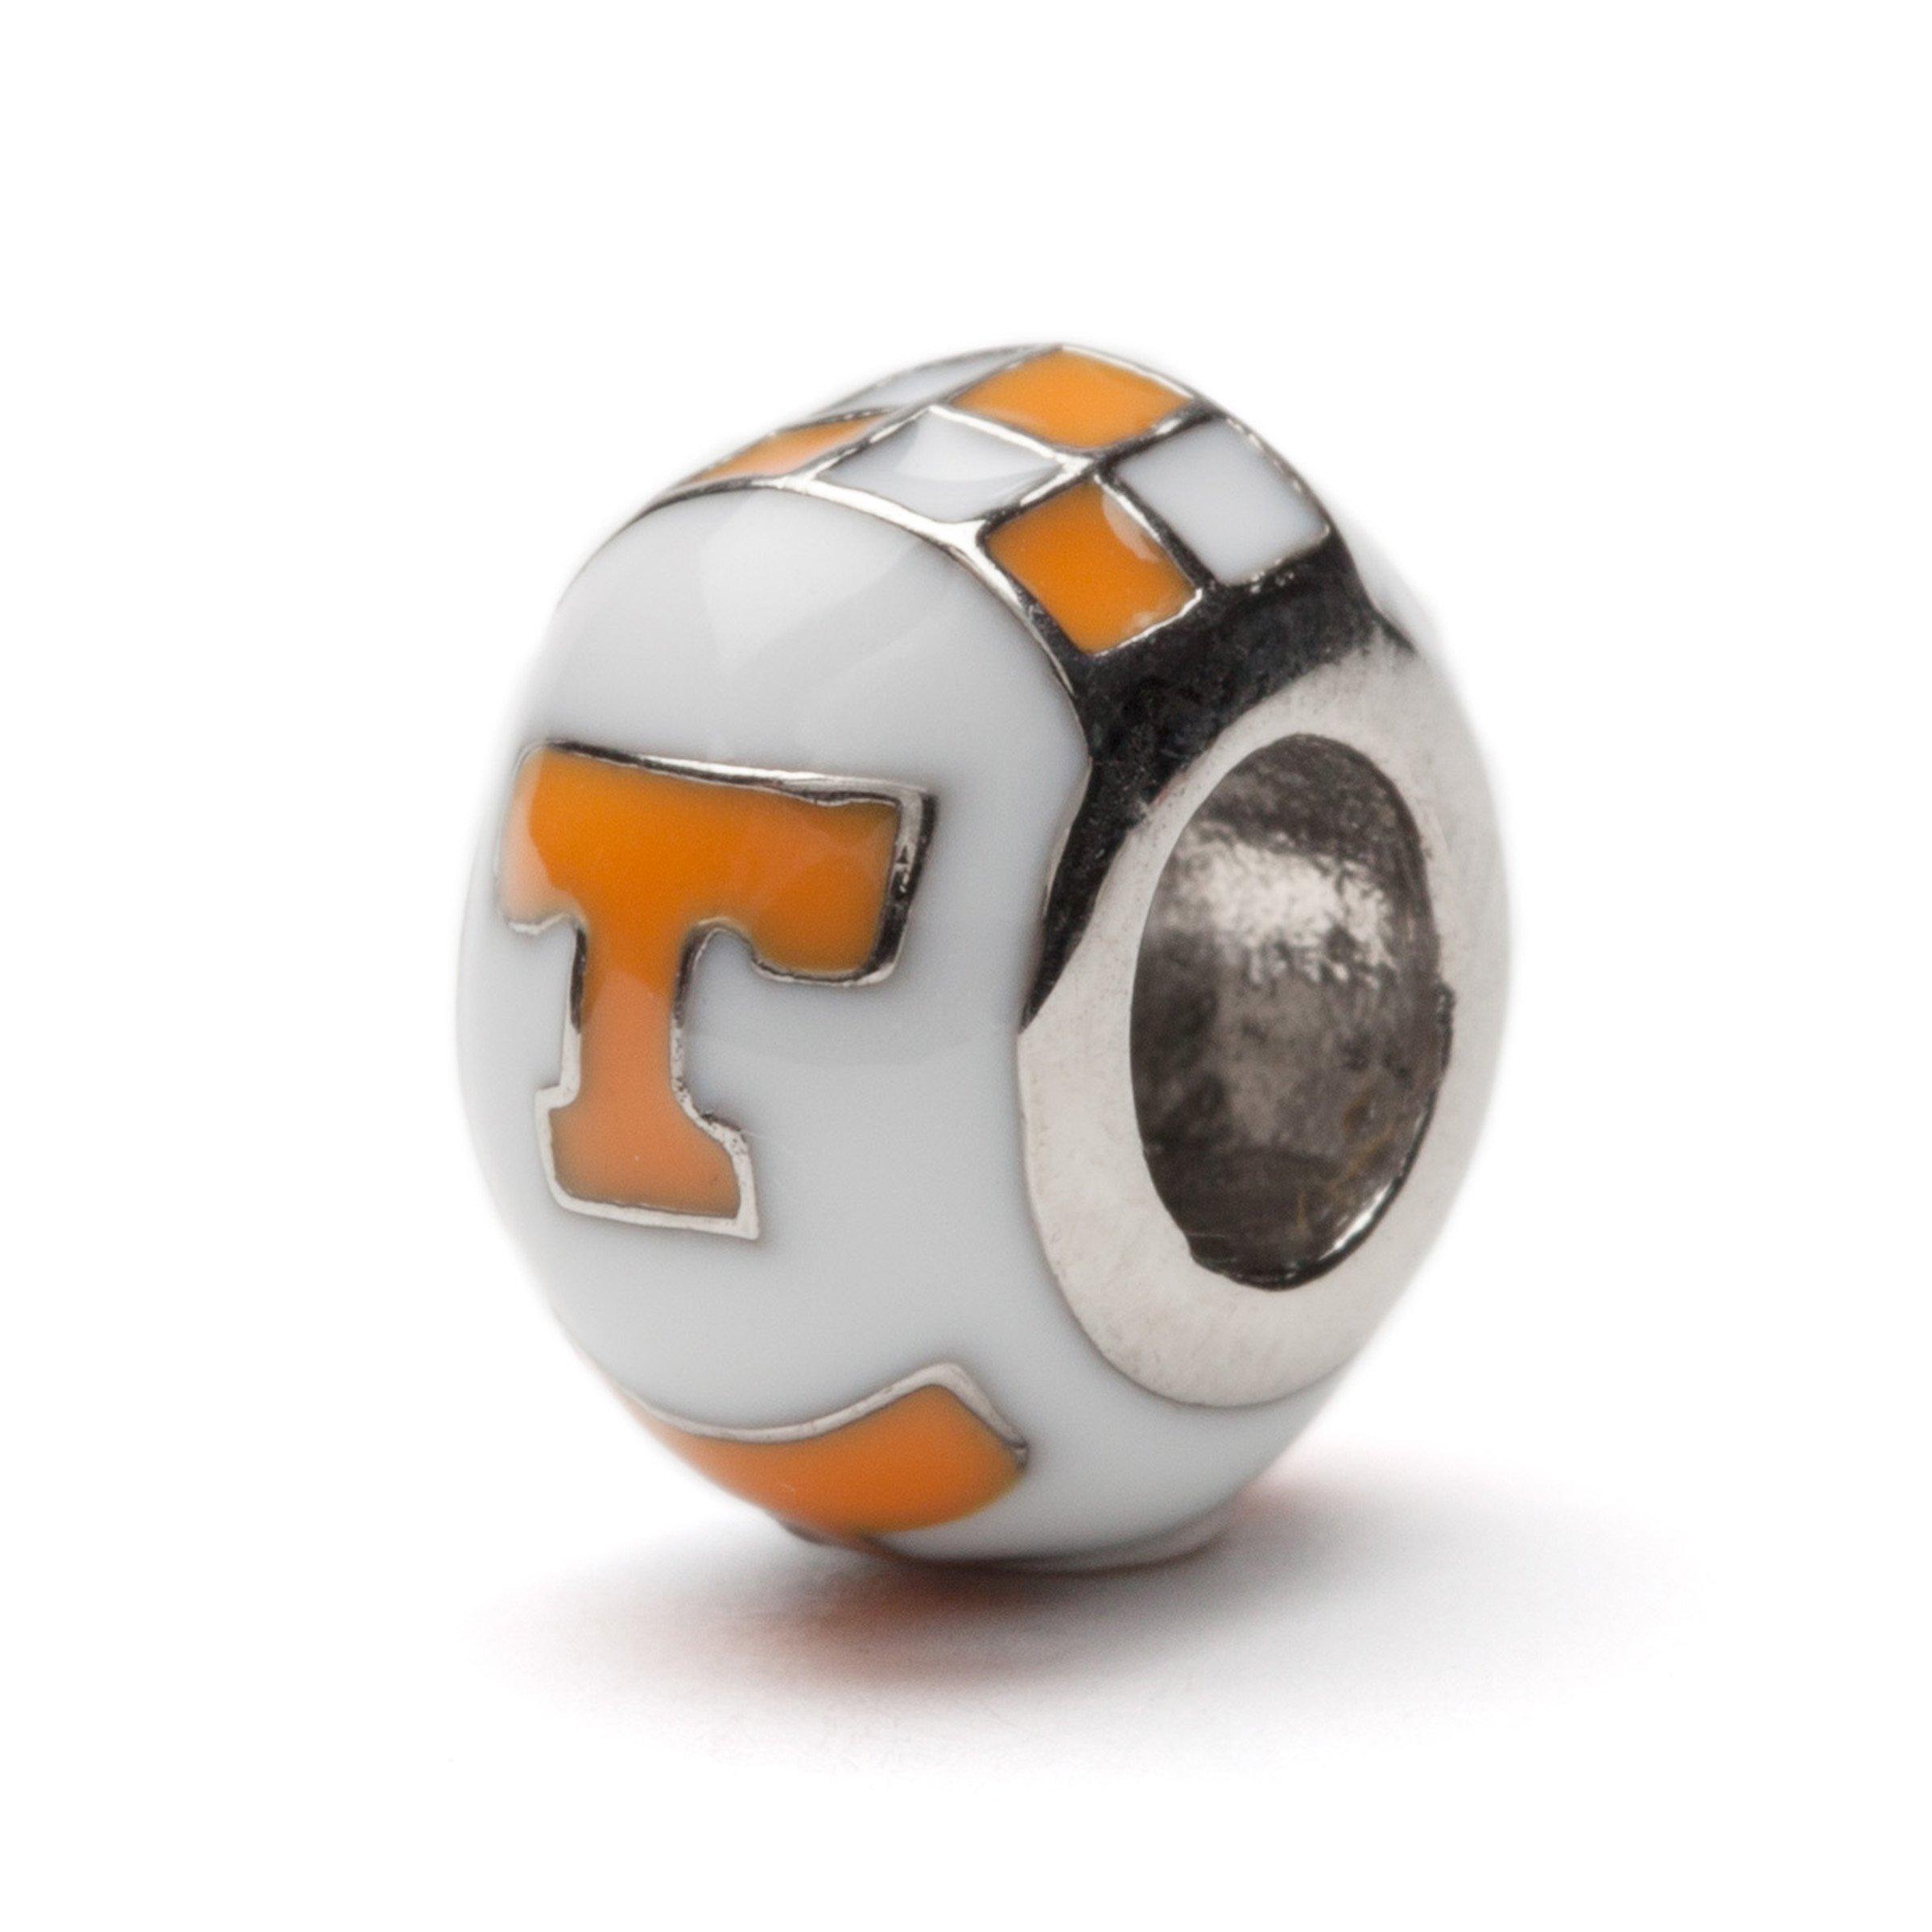 テネシー大学パールジュエリー√テネシーホワイトとオレンジ